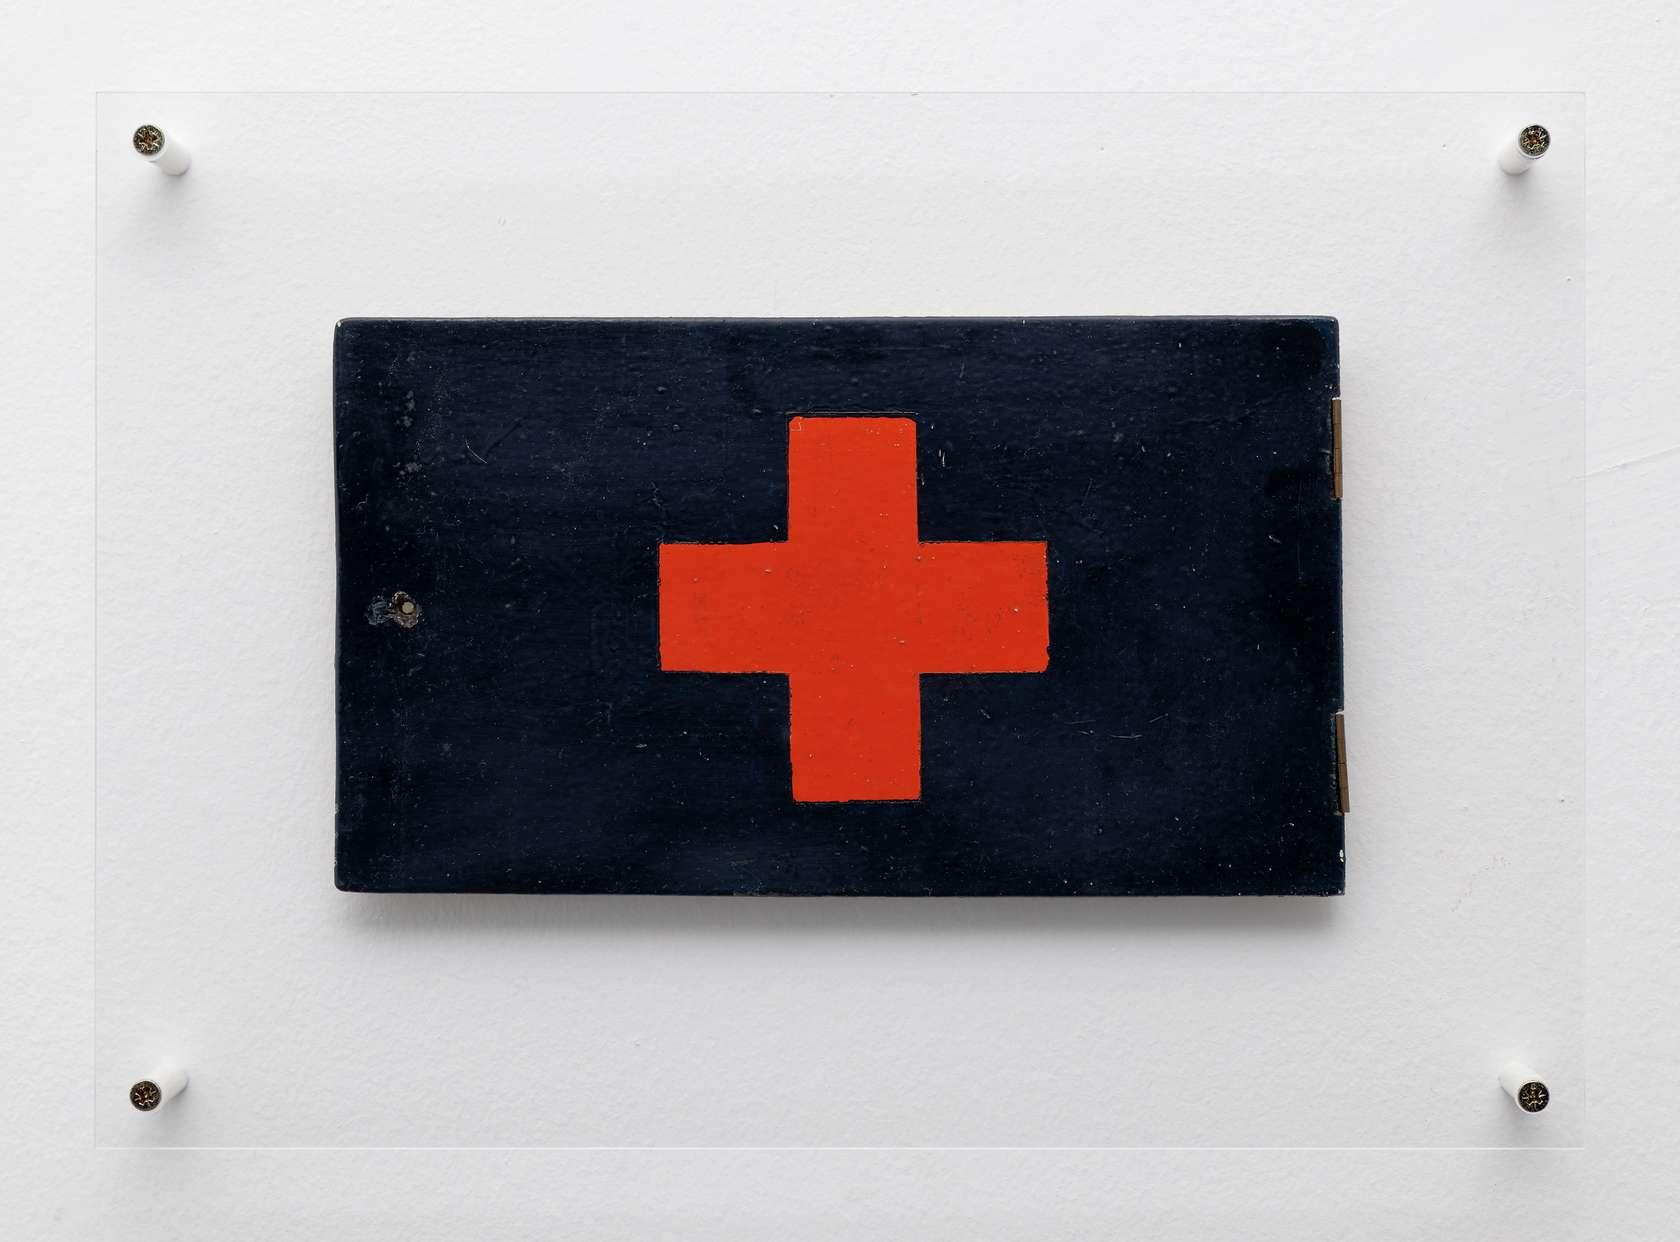 Ernest T., Infirmerie, 1972 Peinture laquée sur bois18 x 32 cm / 7 1/8 x 12 5/8 inches